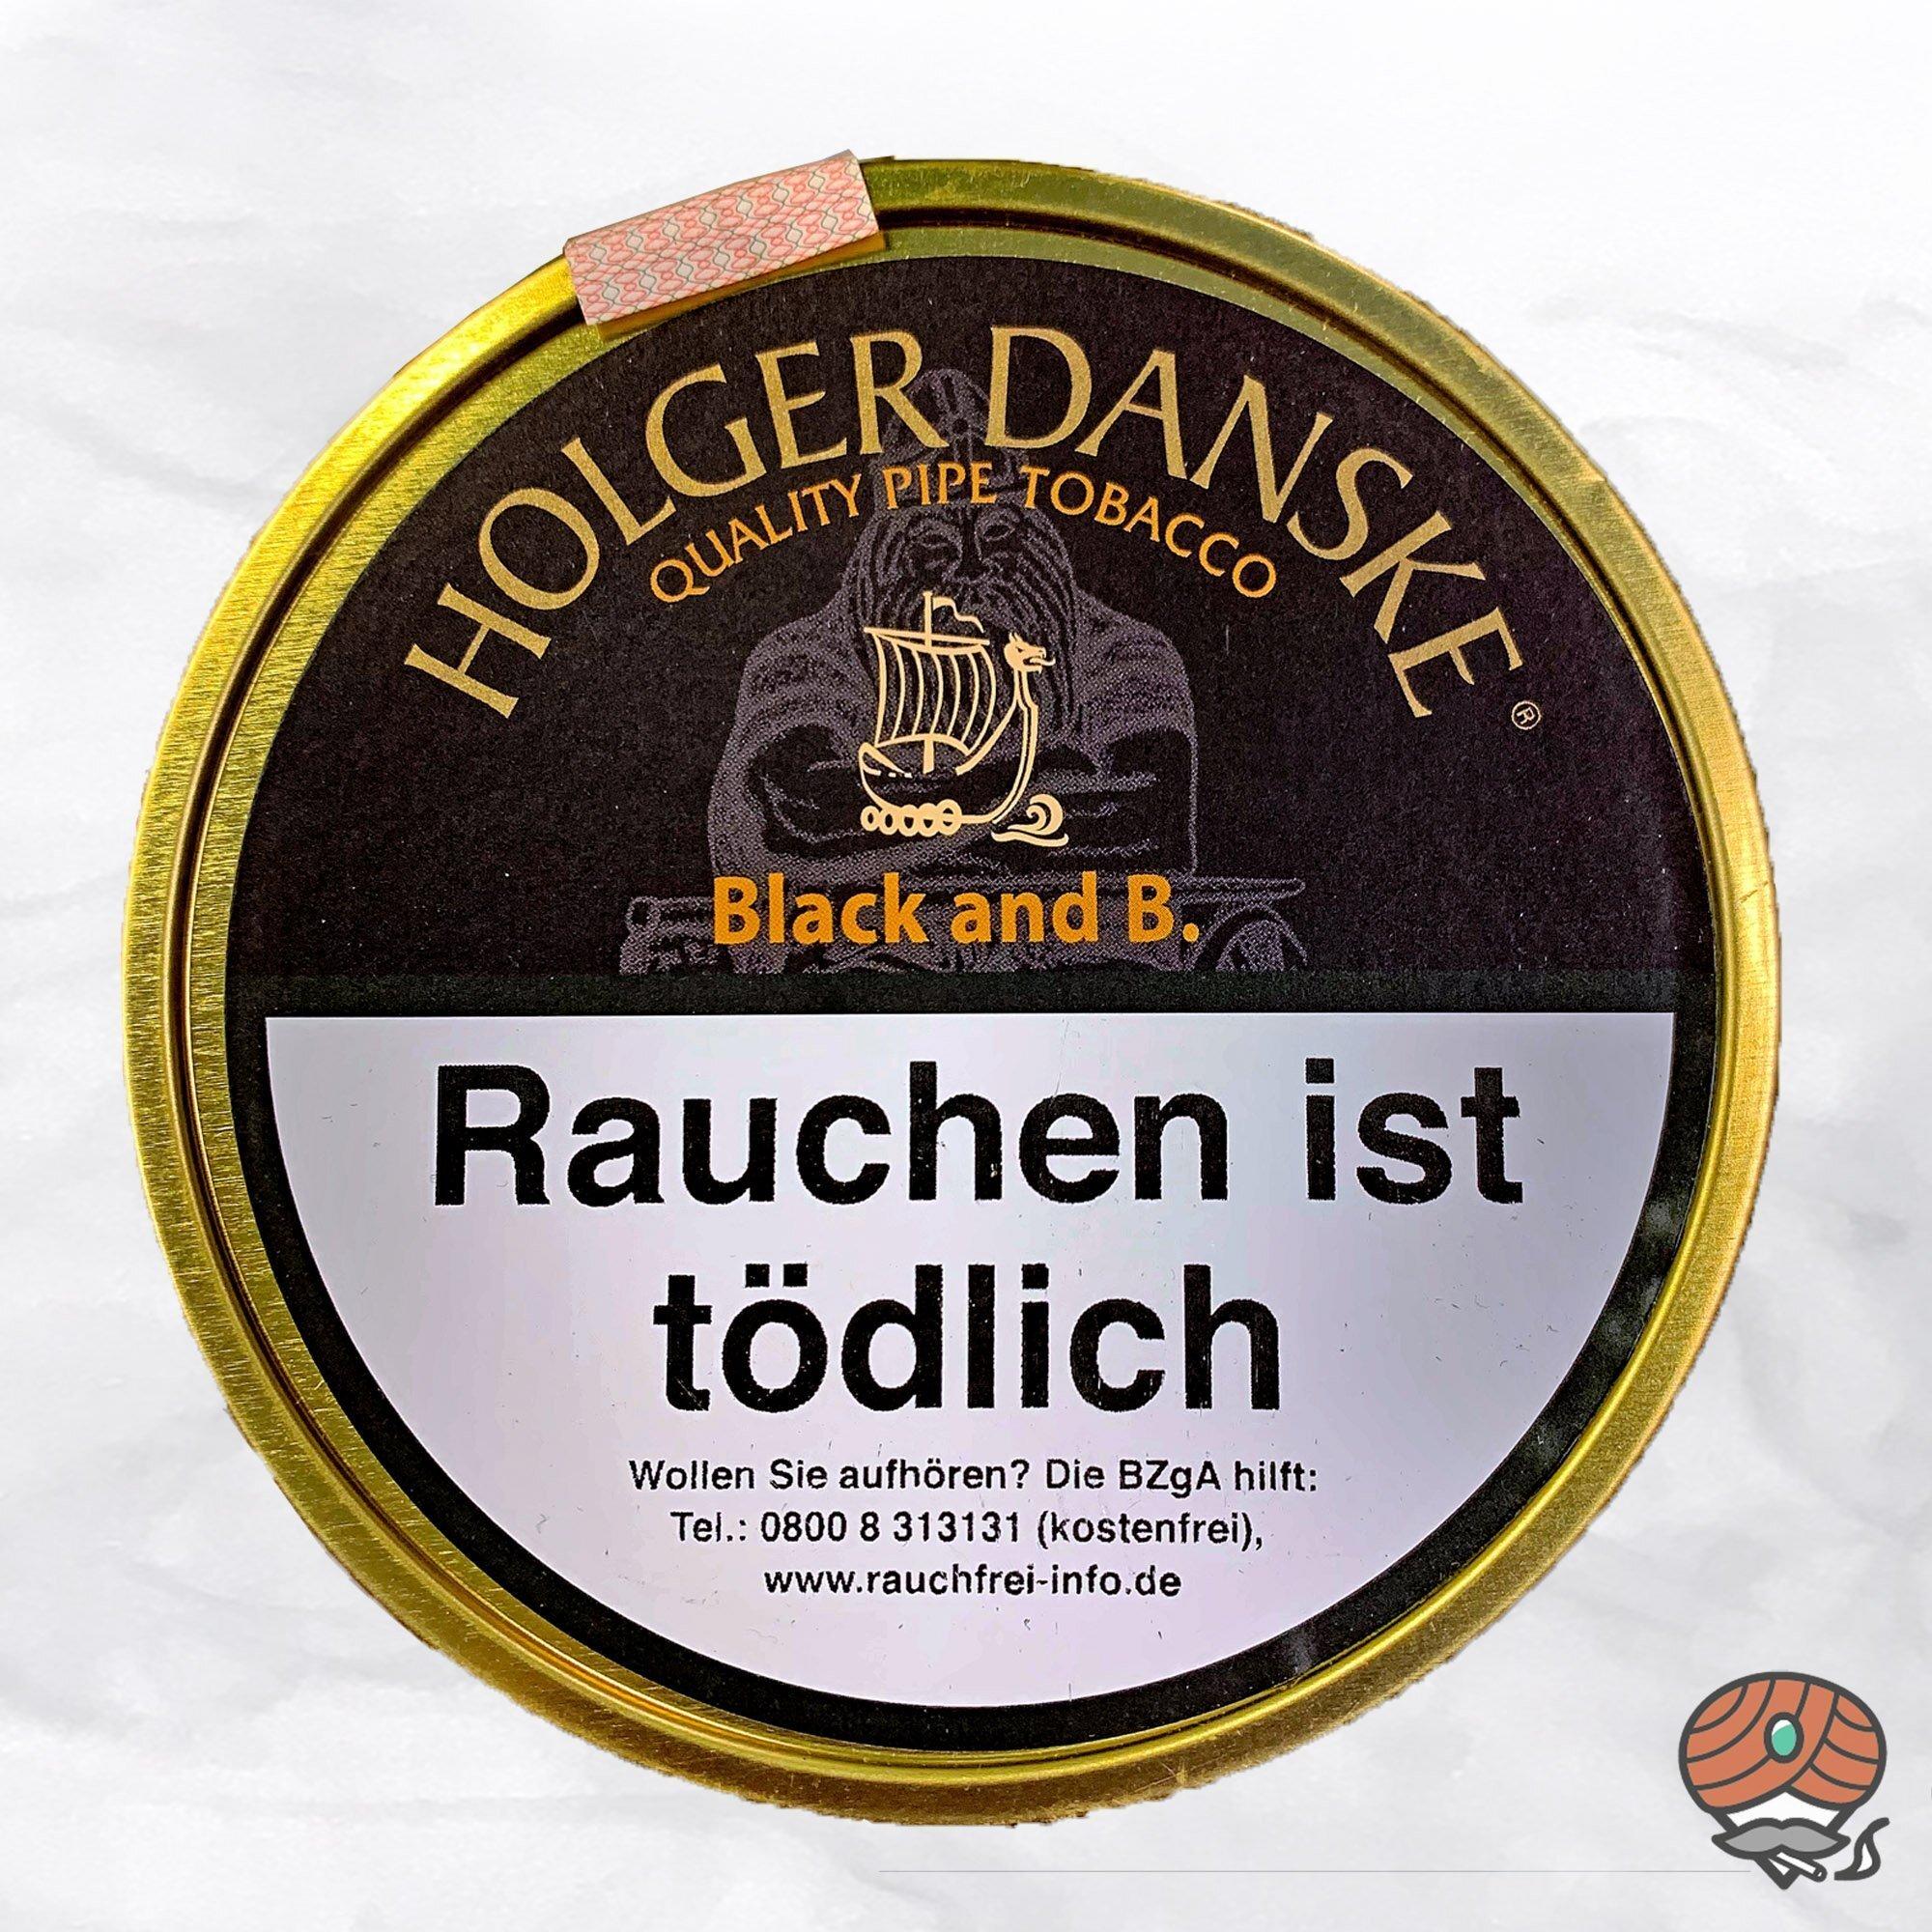 Holger Danske Black and Bourbon Pfeifentabak 100 g Dose